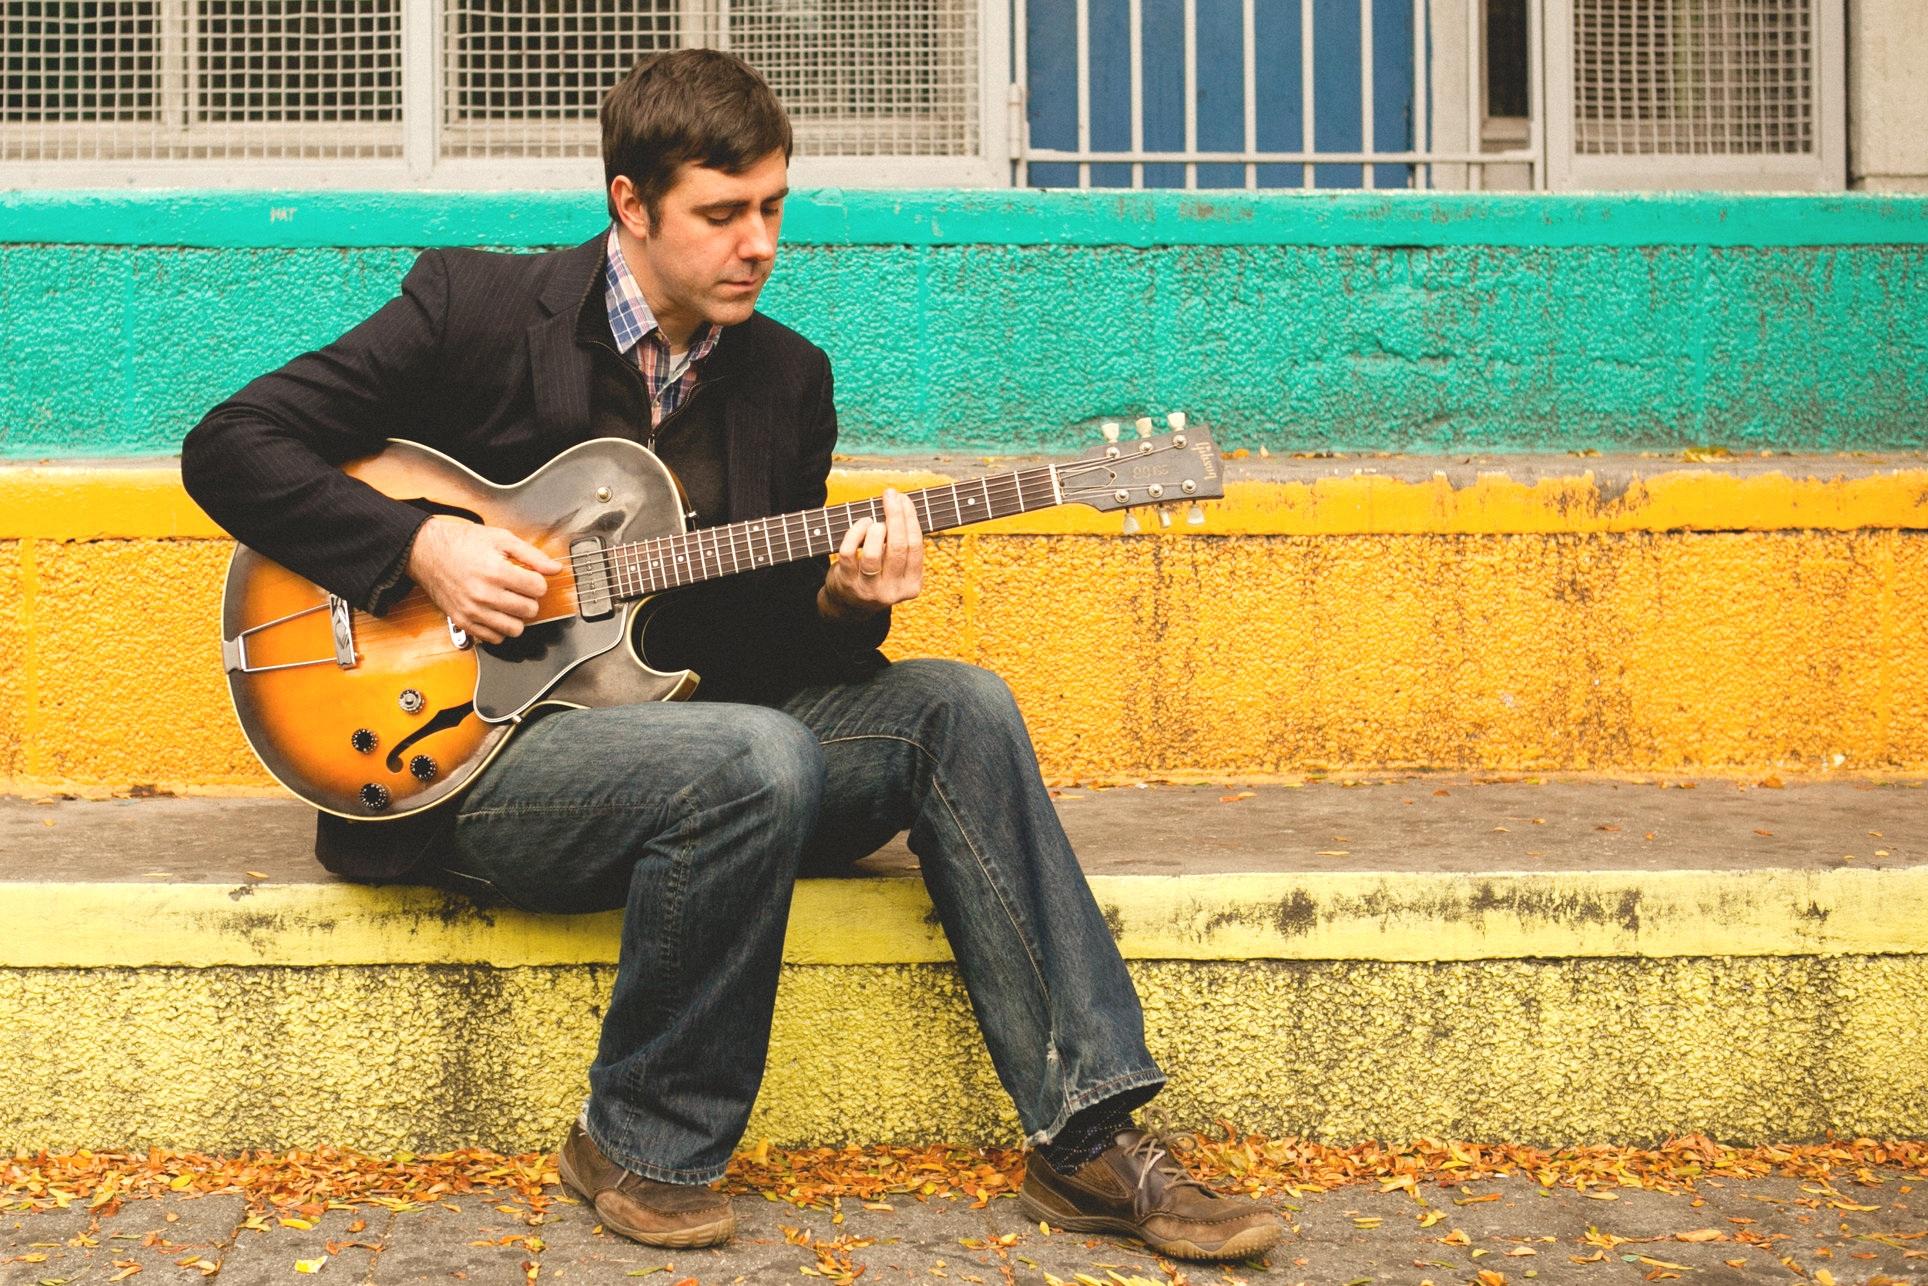 Matt+Davis+with+Guitar.jpg